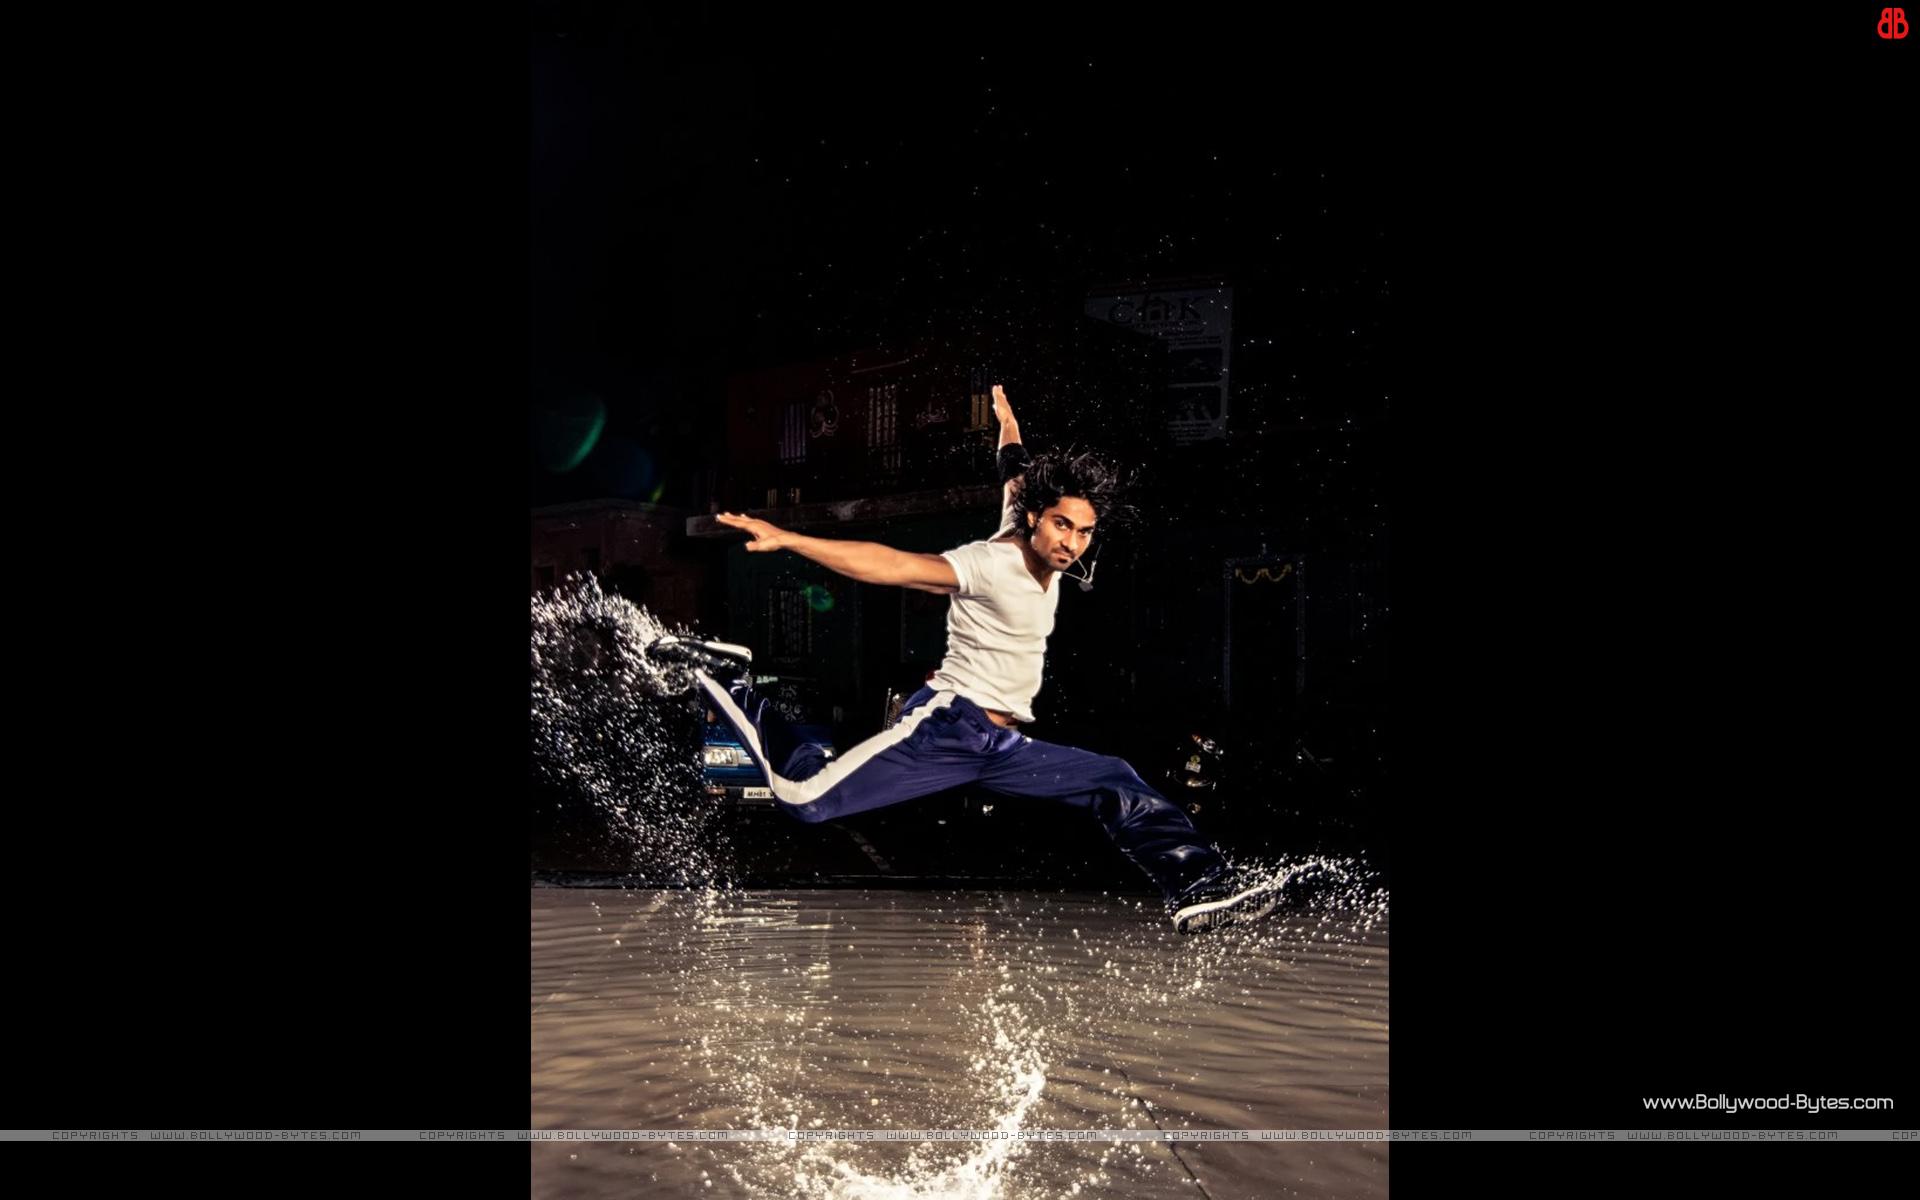 https://4.bp.blogspot.com/-xd34PPWYkFw/UMD7YRe_x4I/AAAAAAAAUsw/m8JLjFSiGOE/s1920/ABCD-Any-Body-Can-Dance-++Salma-Yusuf-Khan-HD-Wallpaper-03.jpg